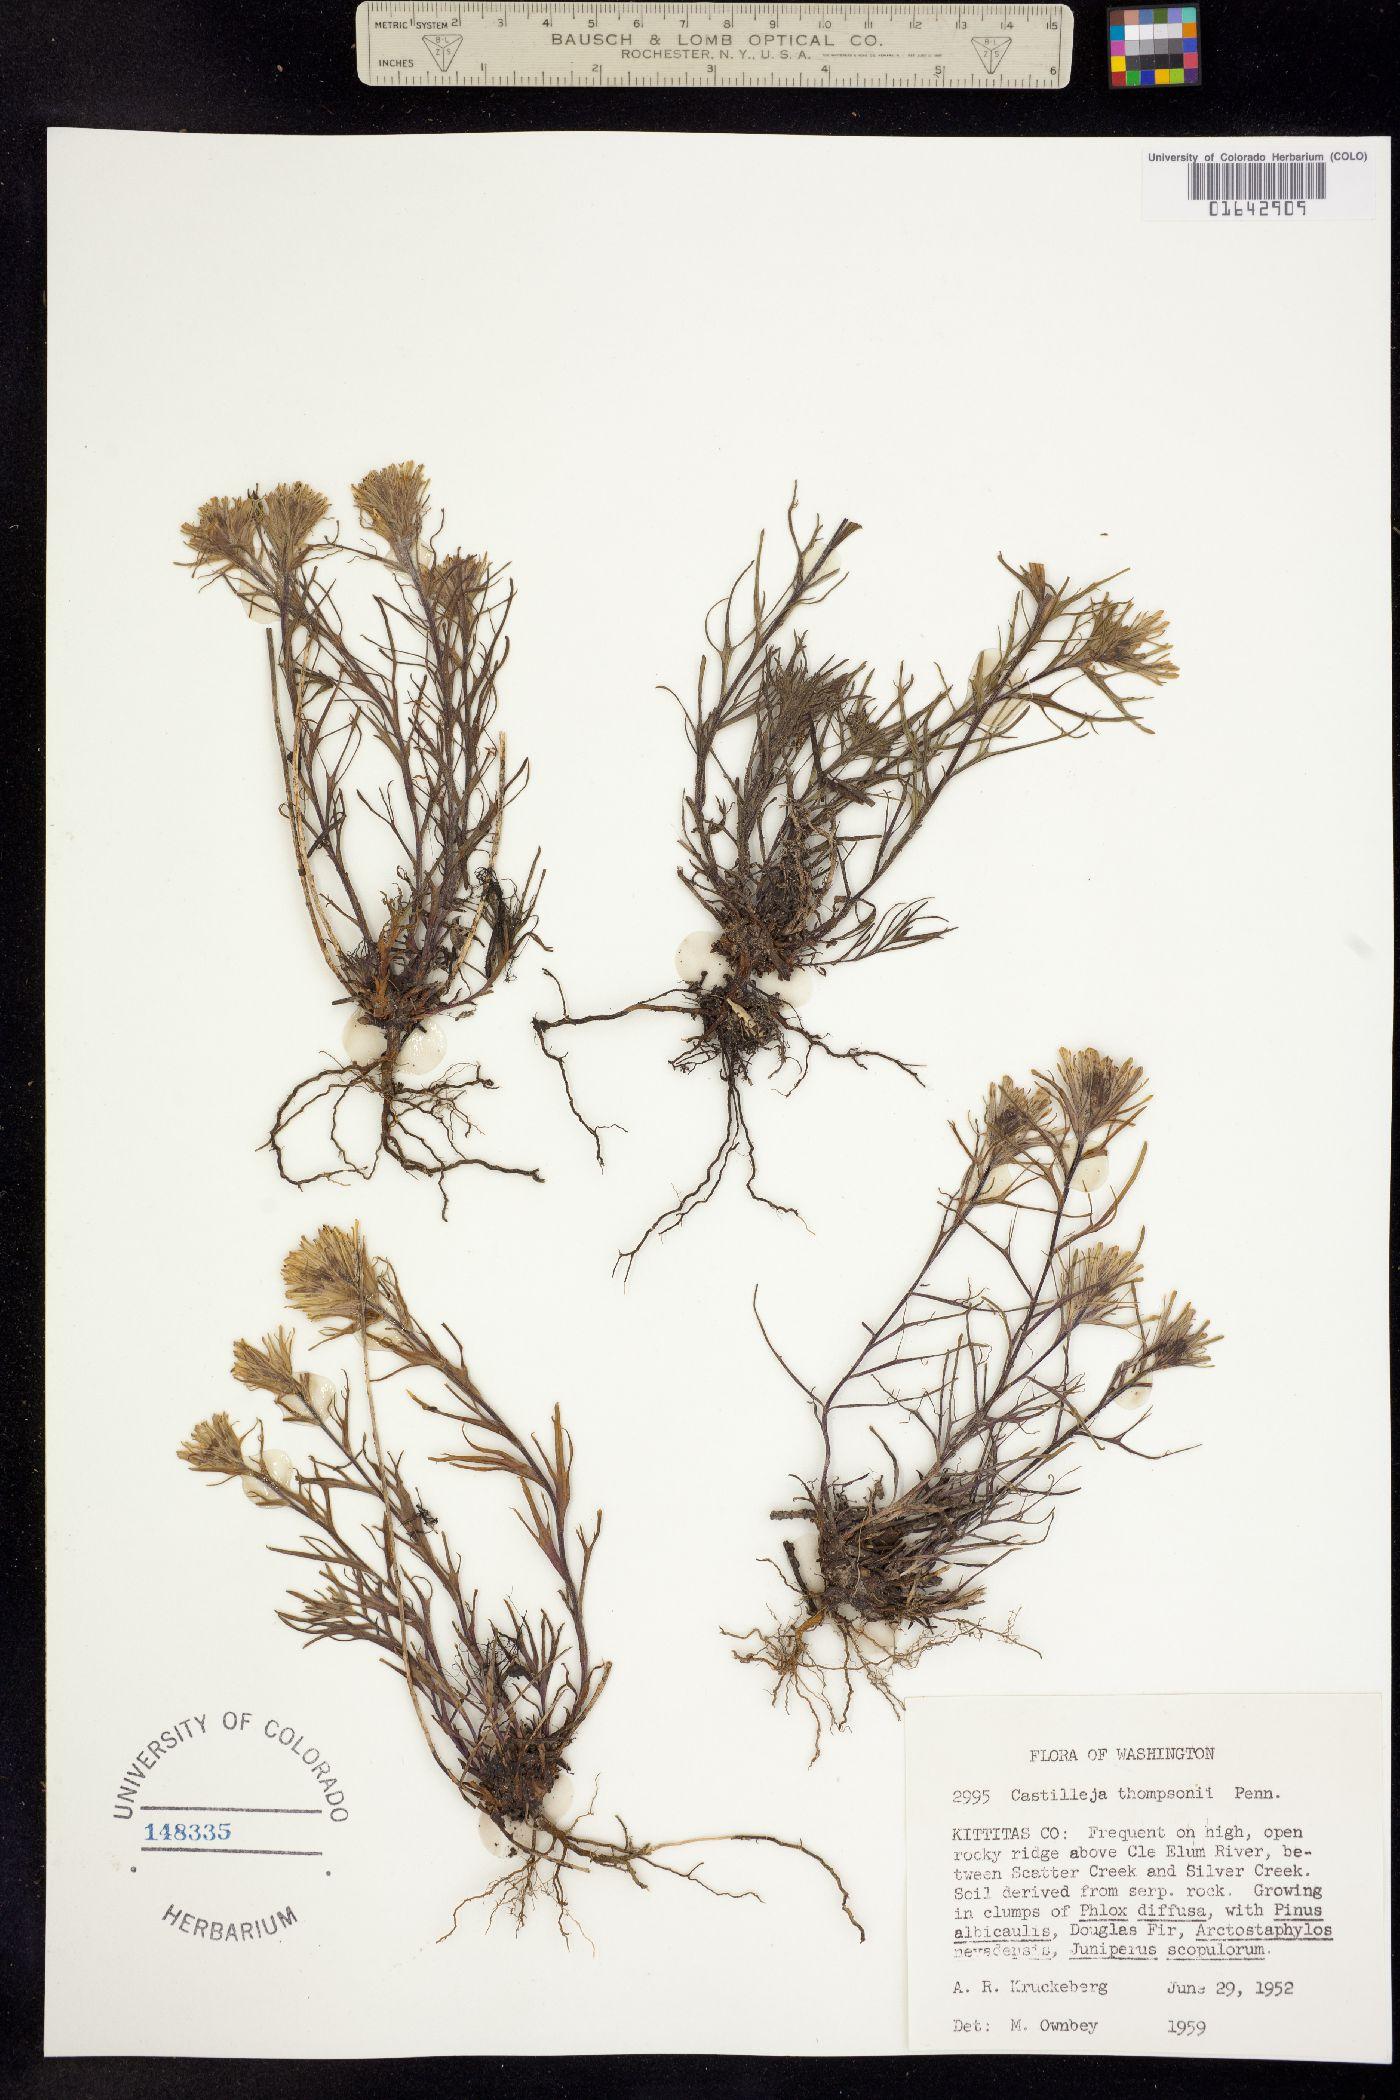 Castilleja thompsonii image